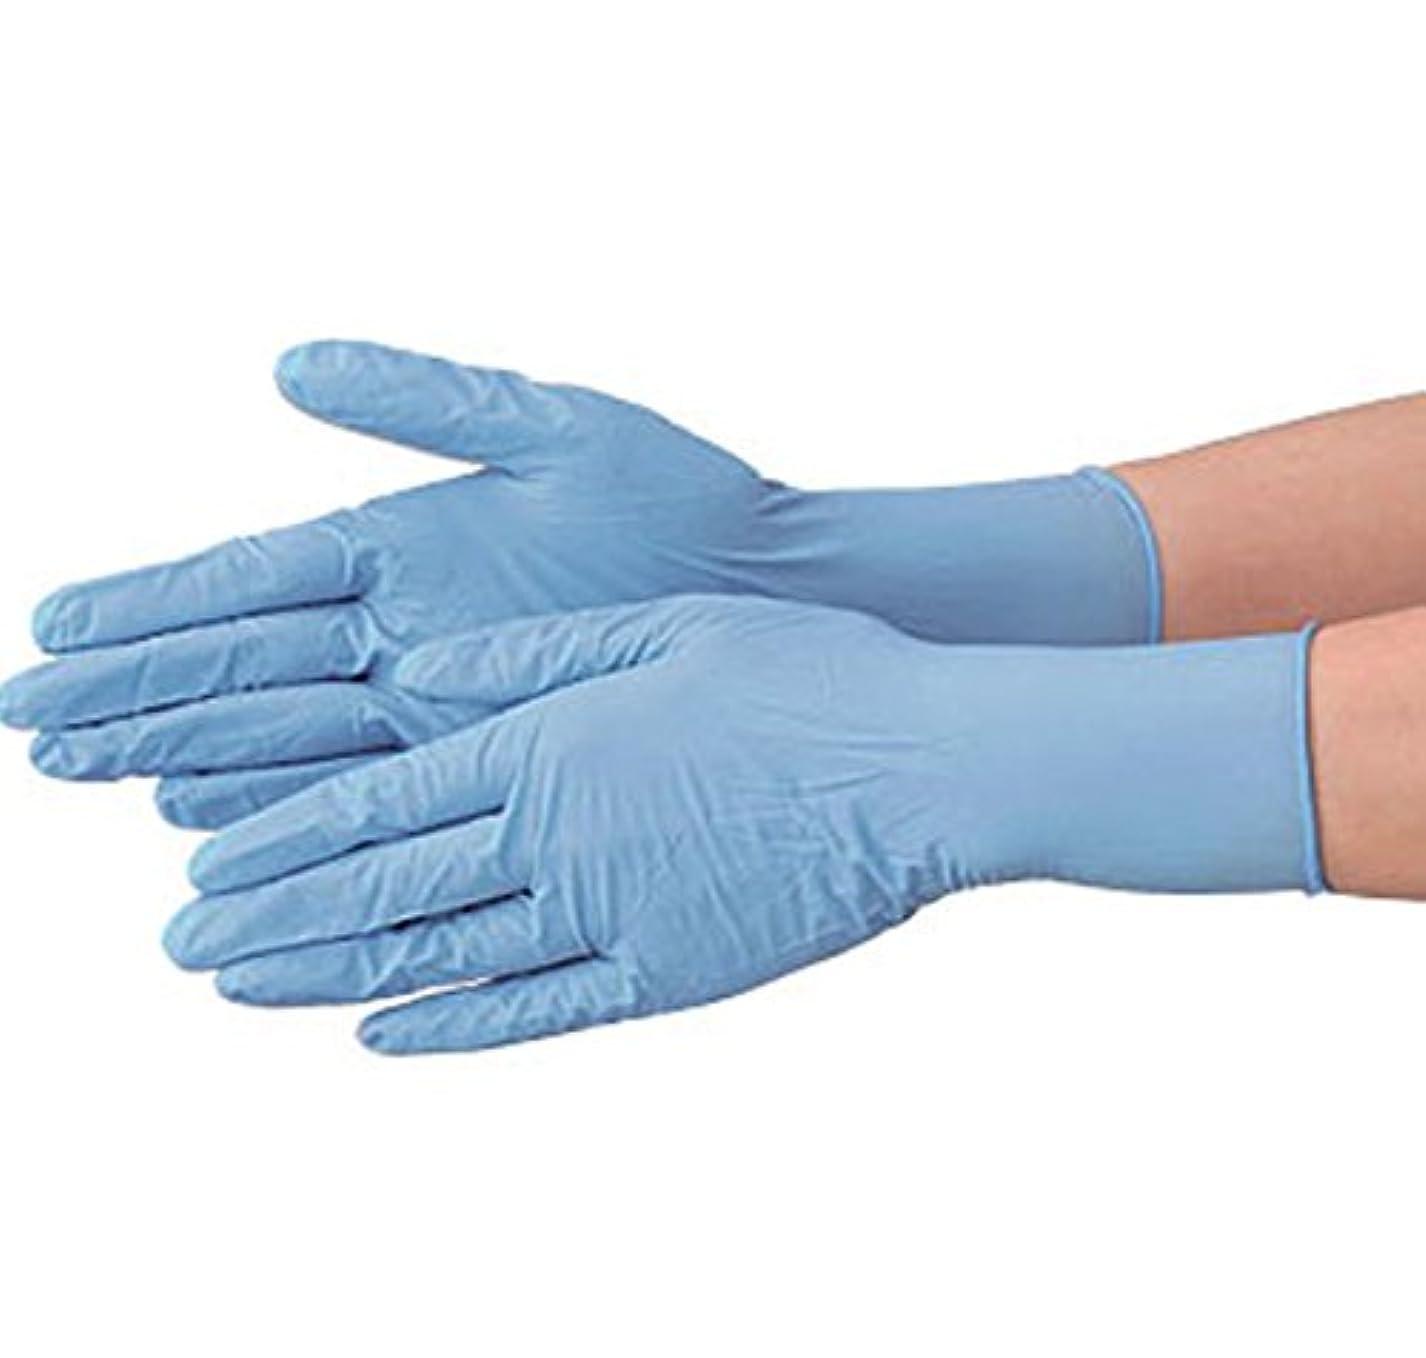 粘土不振ミトン使い捨て 手袋 エブノ 514 ニトリル極薄手袋 ブルー Sサイズ 2ケース(100枚×40箱)